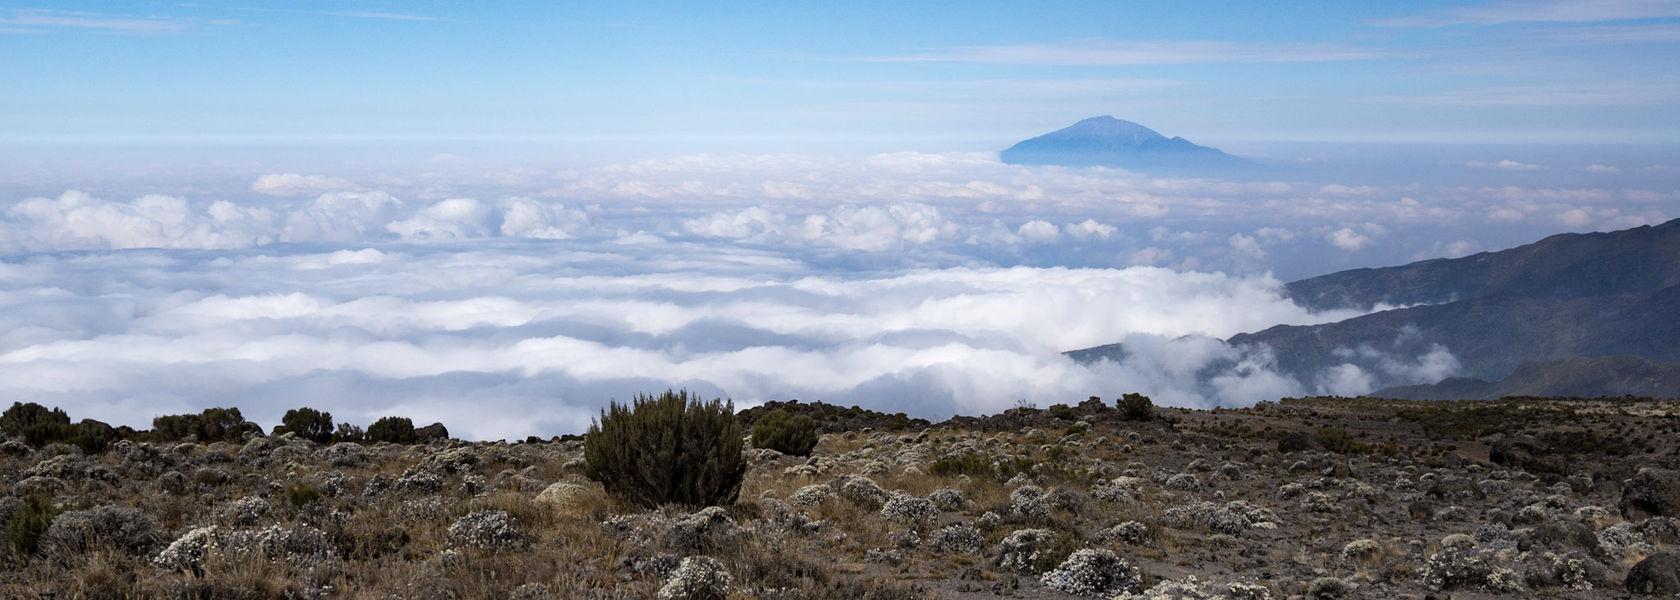 Kilimanjaro Groepsreis - Machame whiskey route - met GEGARANDEERD vertrek